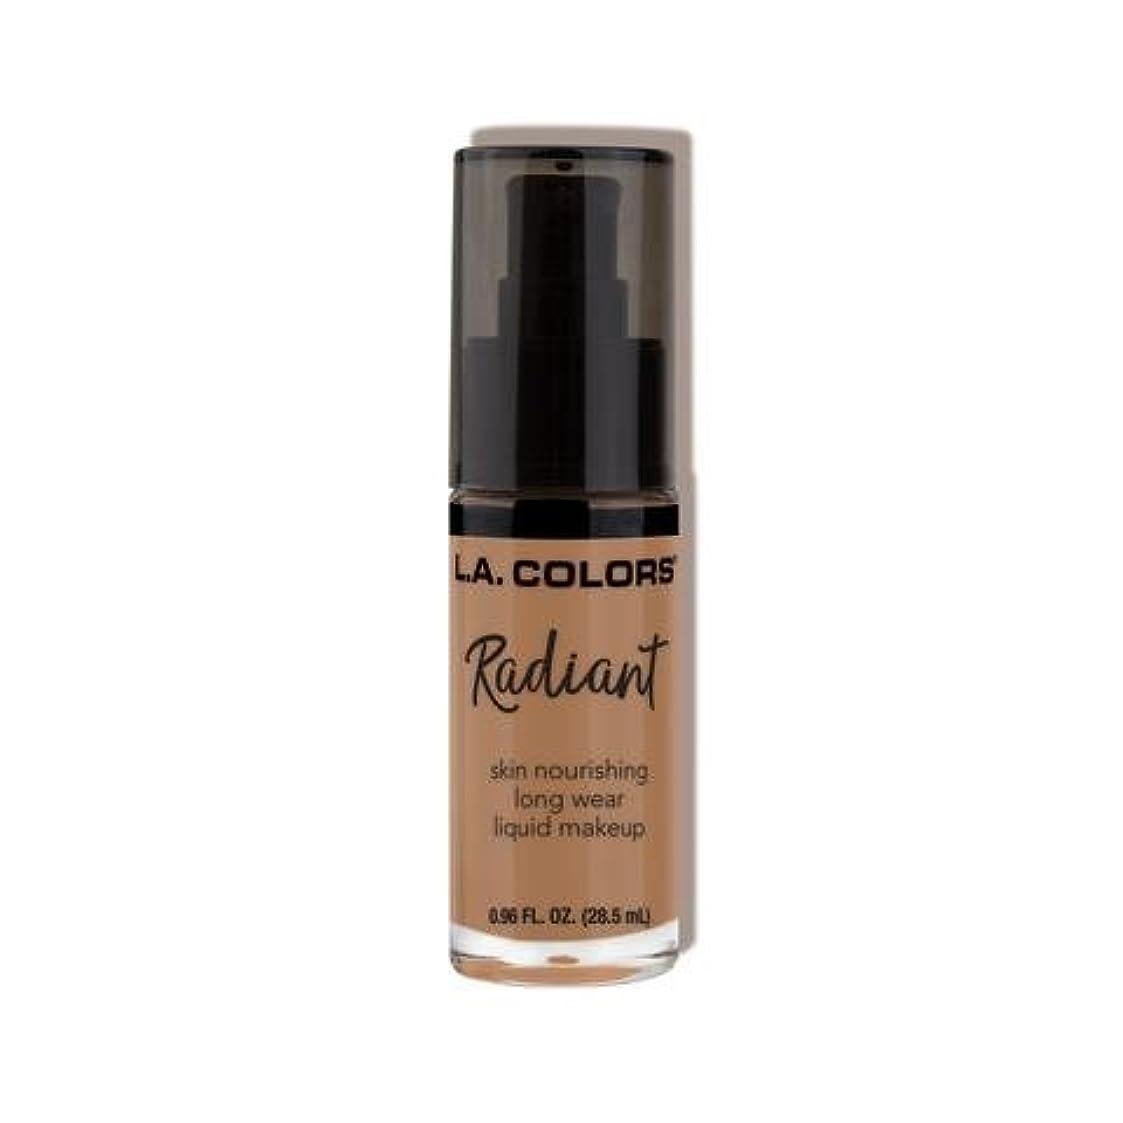 真夜中方向スイス人(6 Pack) L.A. COLORS Radiant Liquid Makeup - Creamy Cafe (並行輸入品)